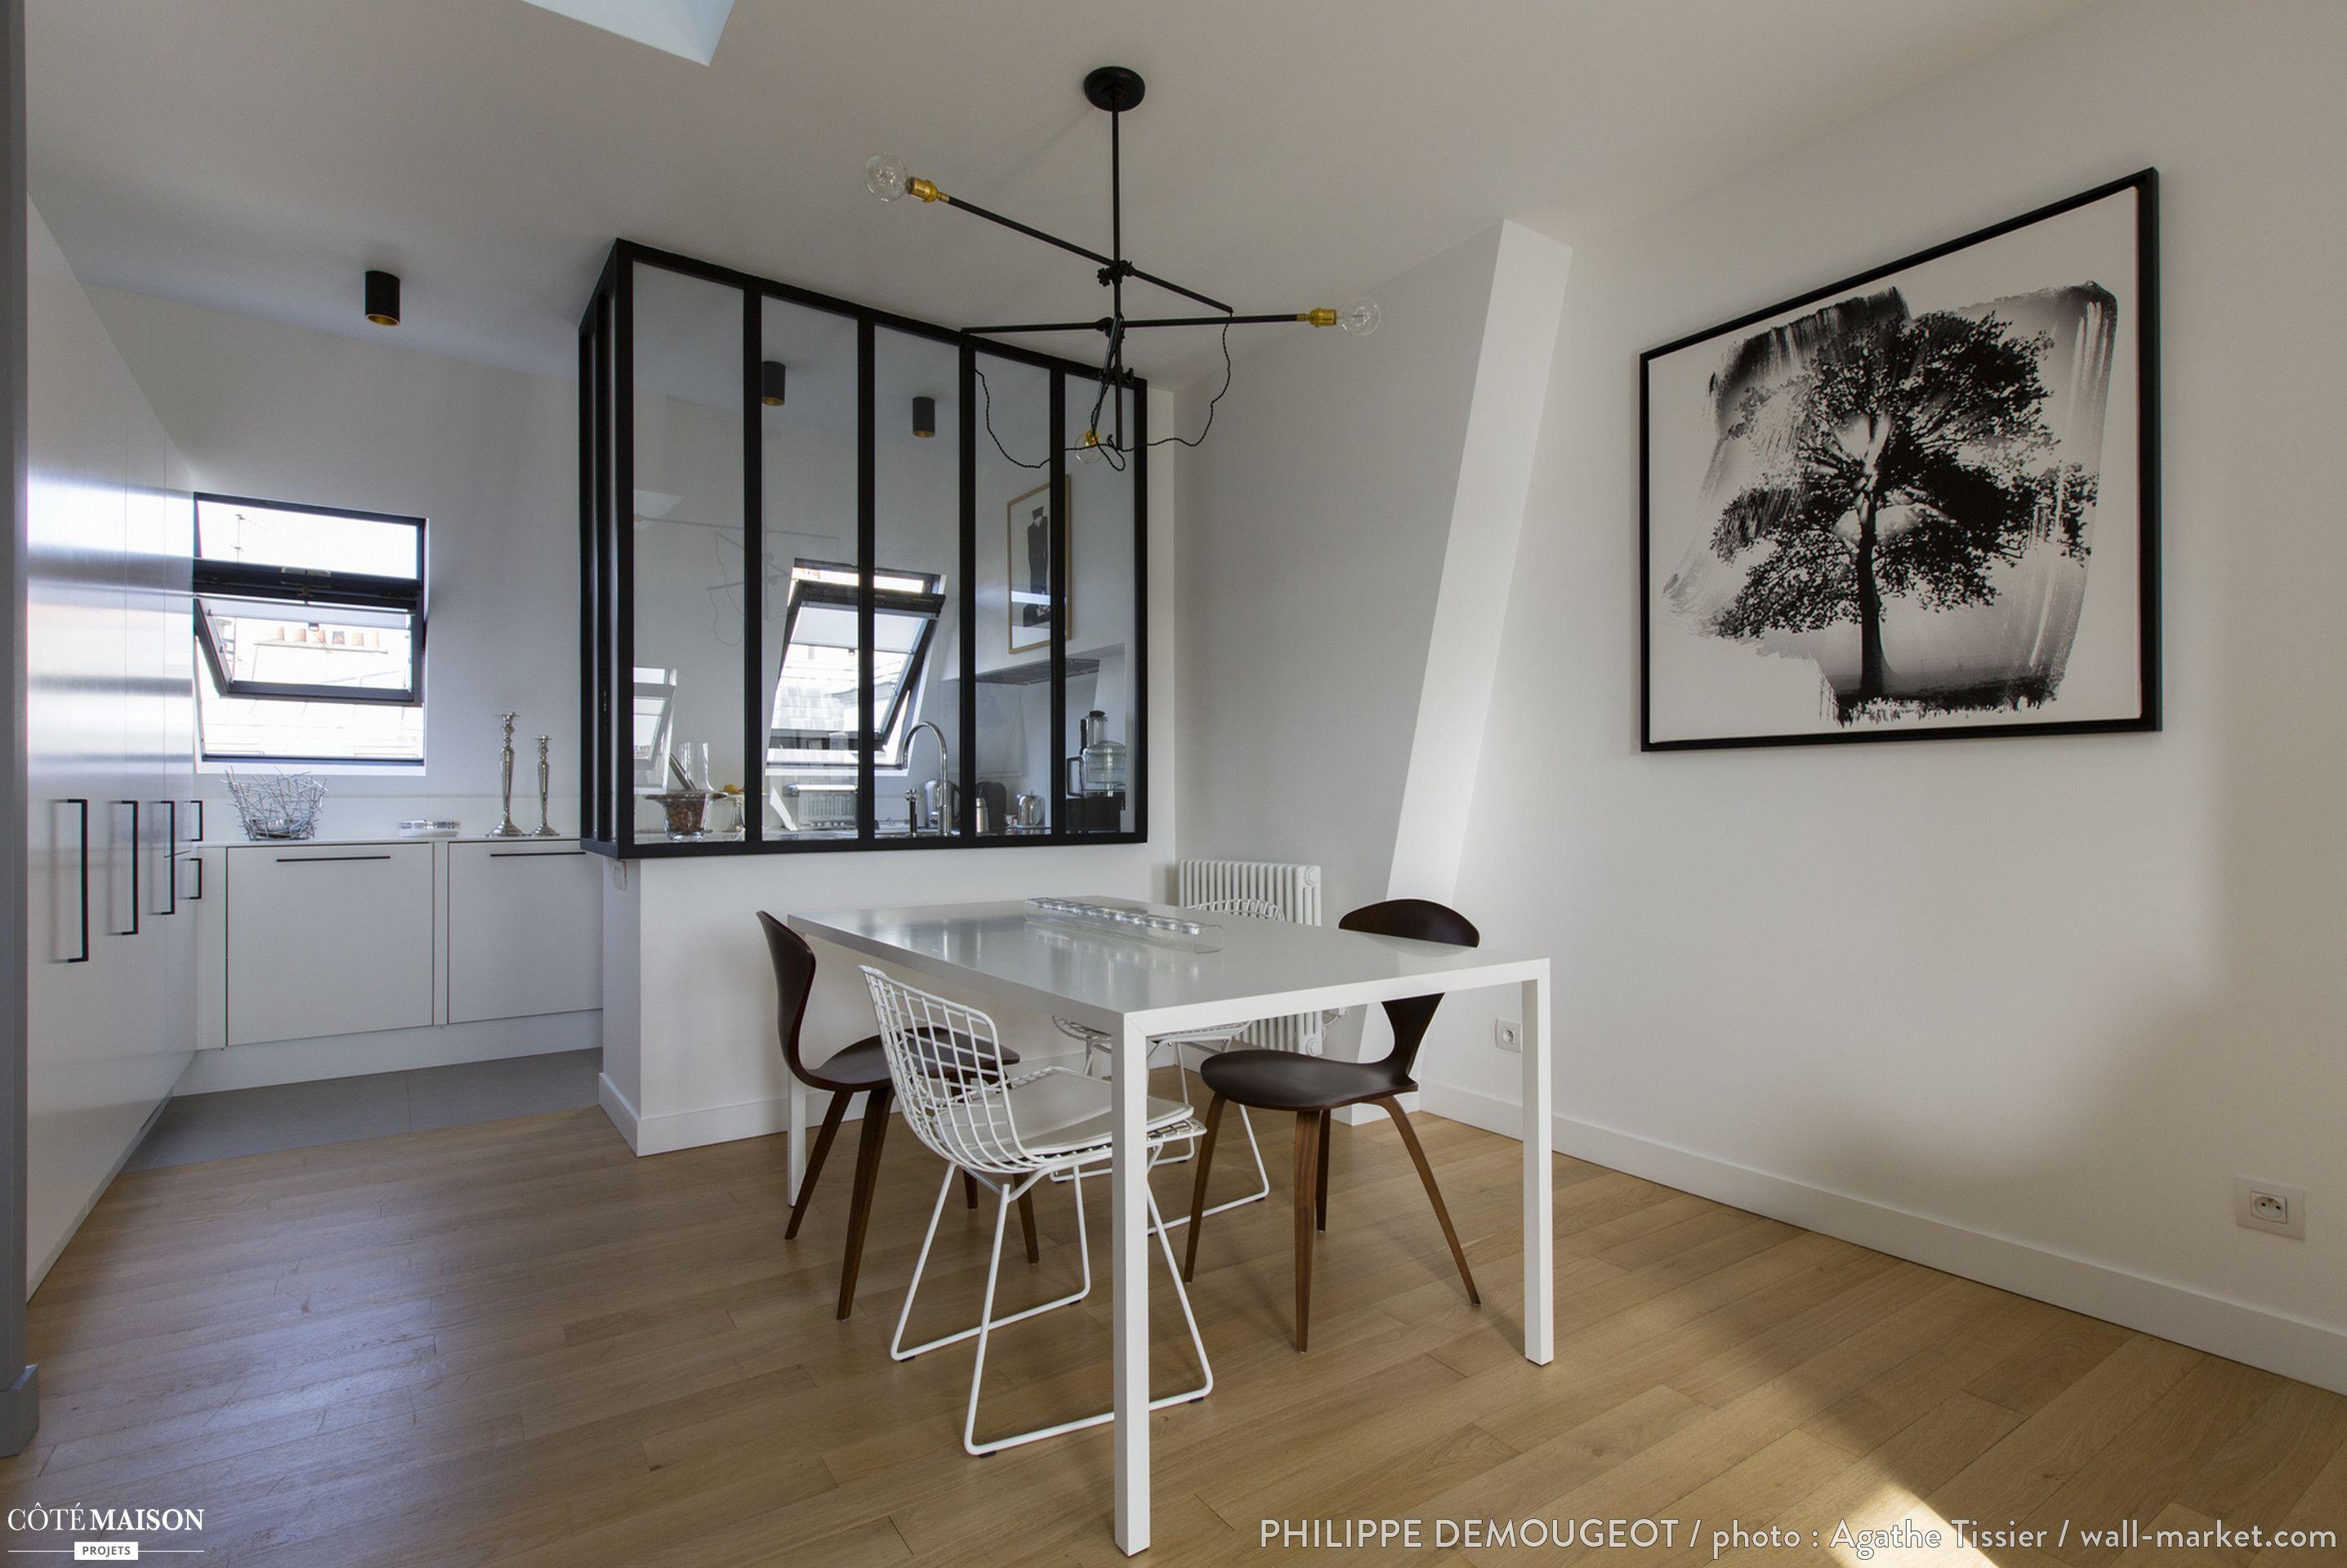 Comment Transformer Du0027anciennes Chambres De Bonne En Un Appartement  Chaleureux ?, Philippe Demougeot   Côté Maison